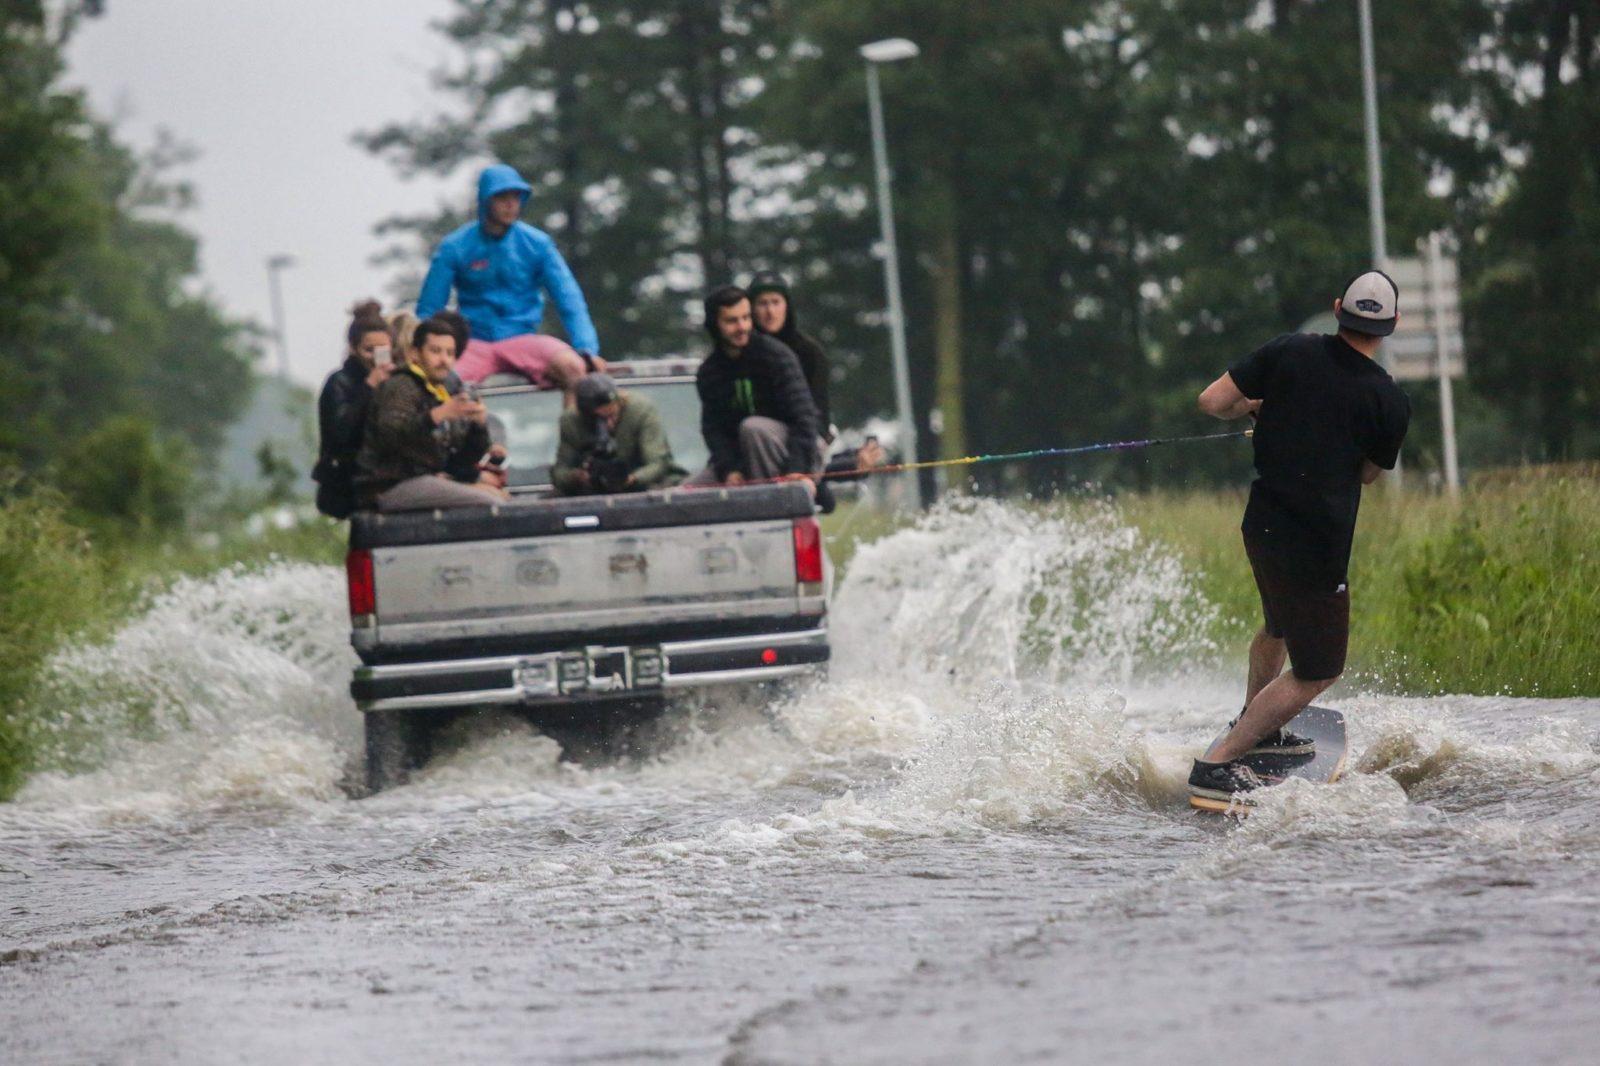 clever school riders collectif paris wakeboard inondation - Clever School: la bande de riders paie sa soirée au YoYo !